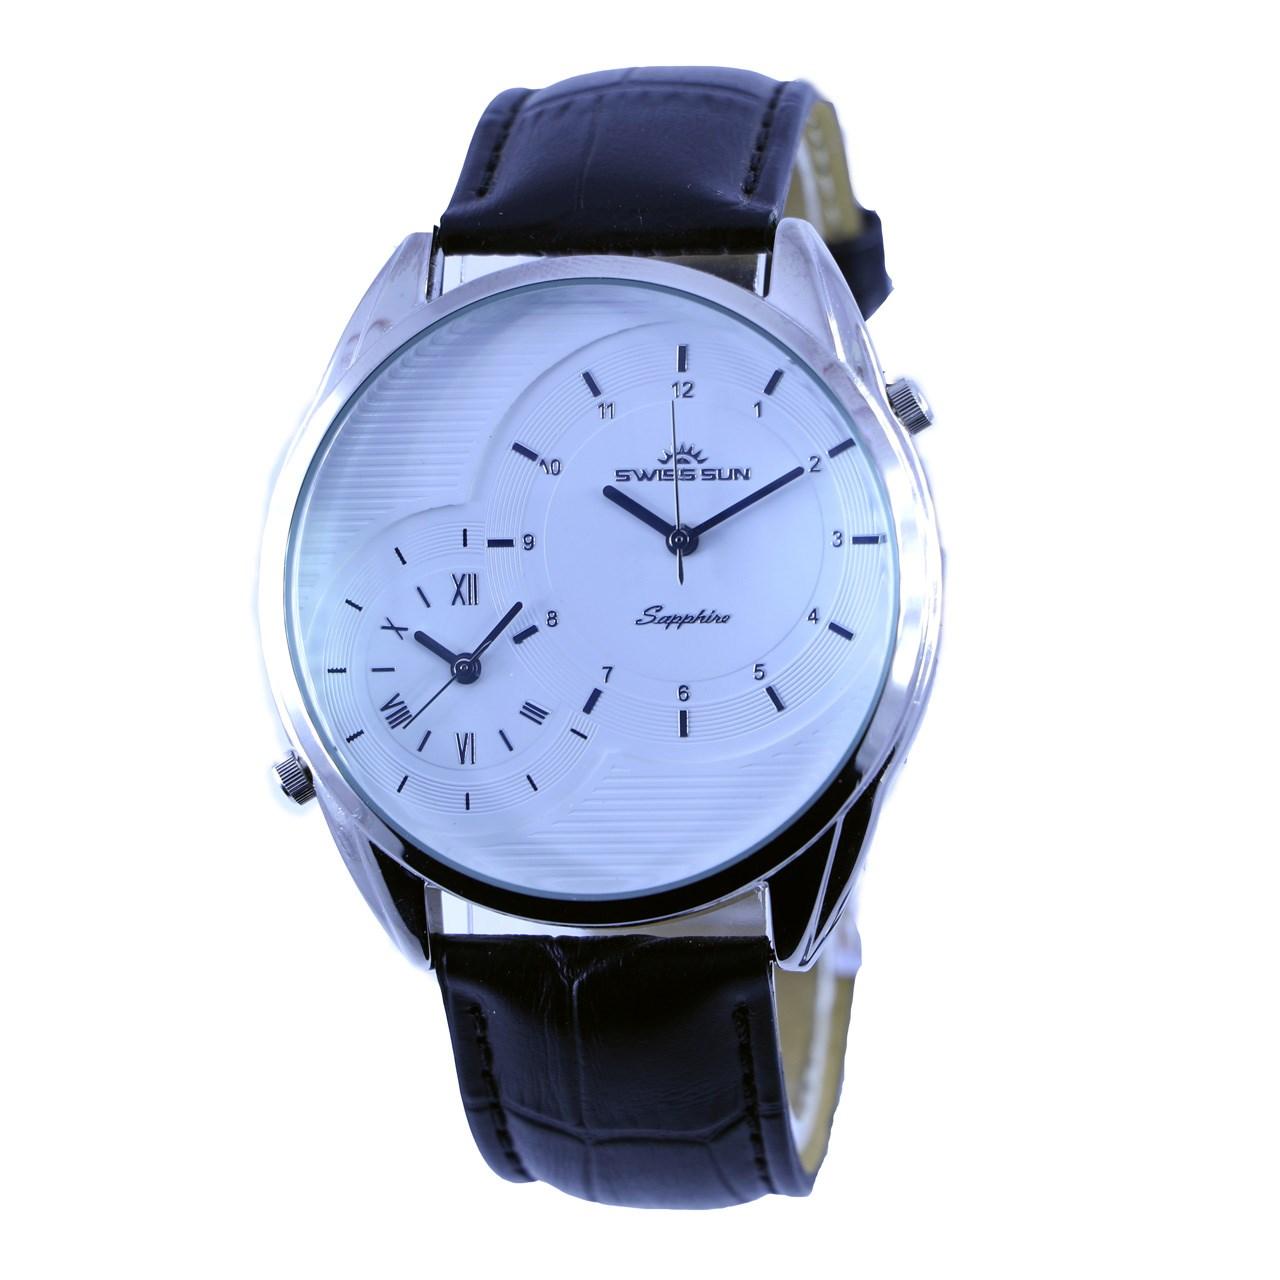 ساعت مچی عقربه ای مردانه سوئیس سان مدل g3284